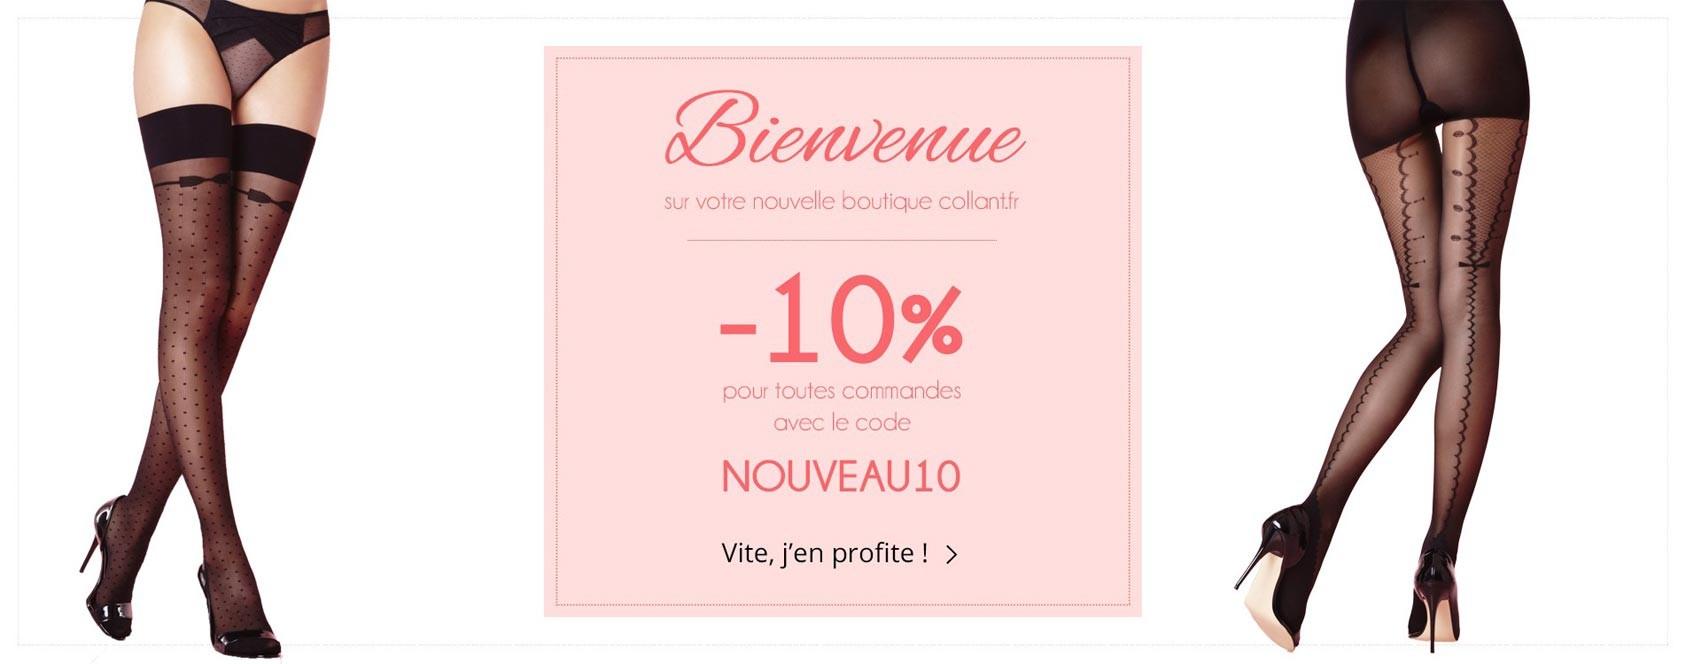 Bienvenue sur votre nouvelle boutique collant.fr !